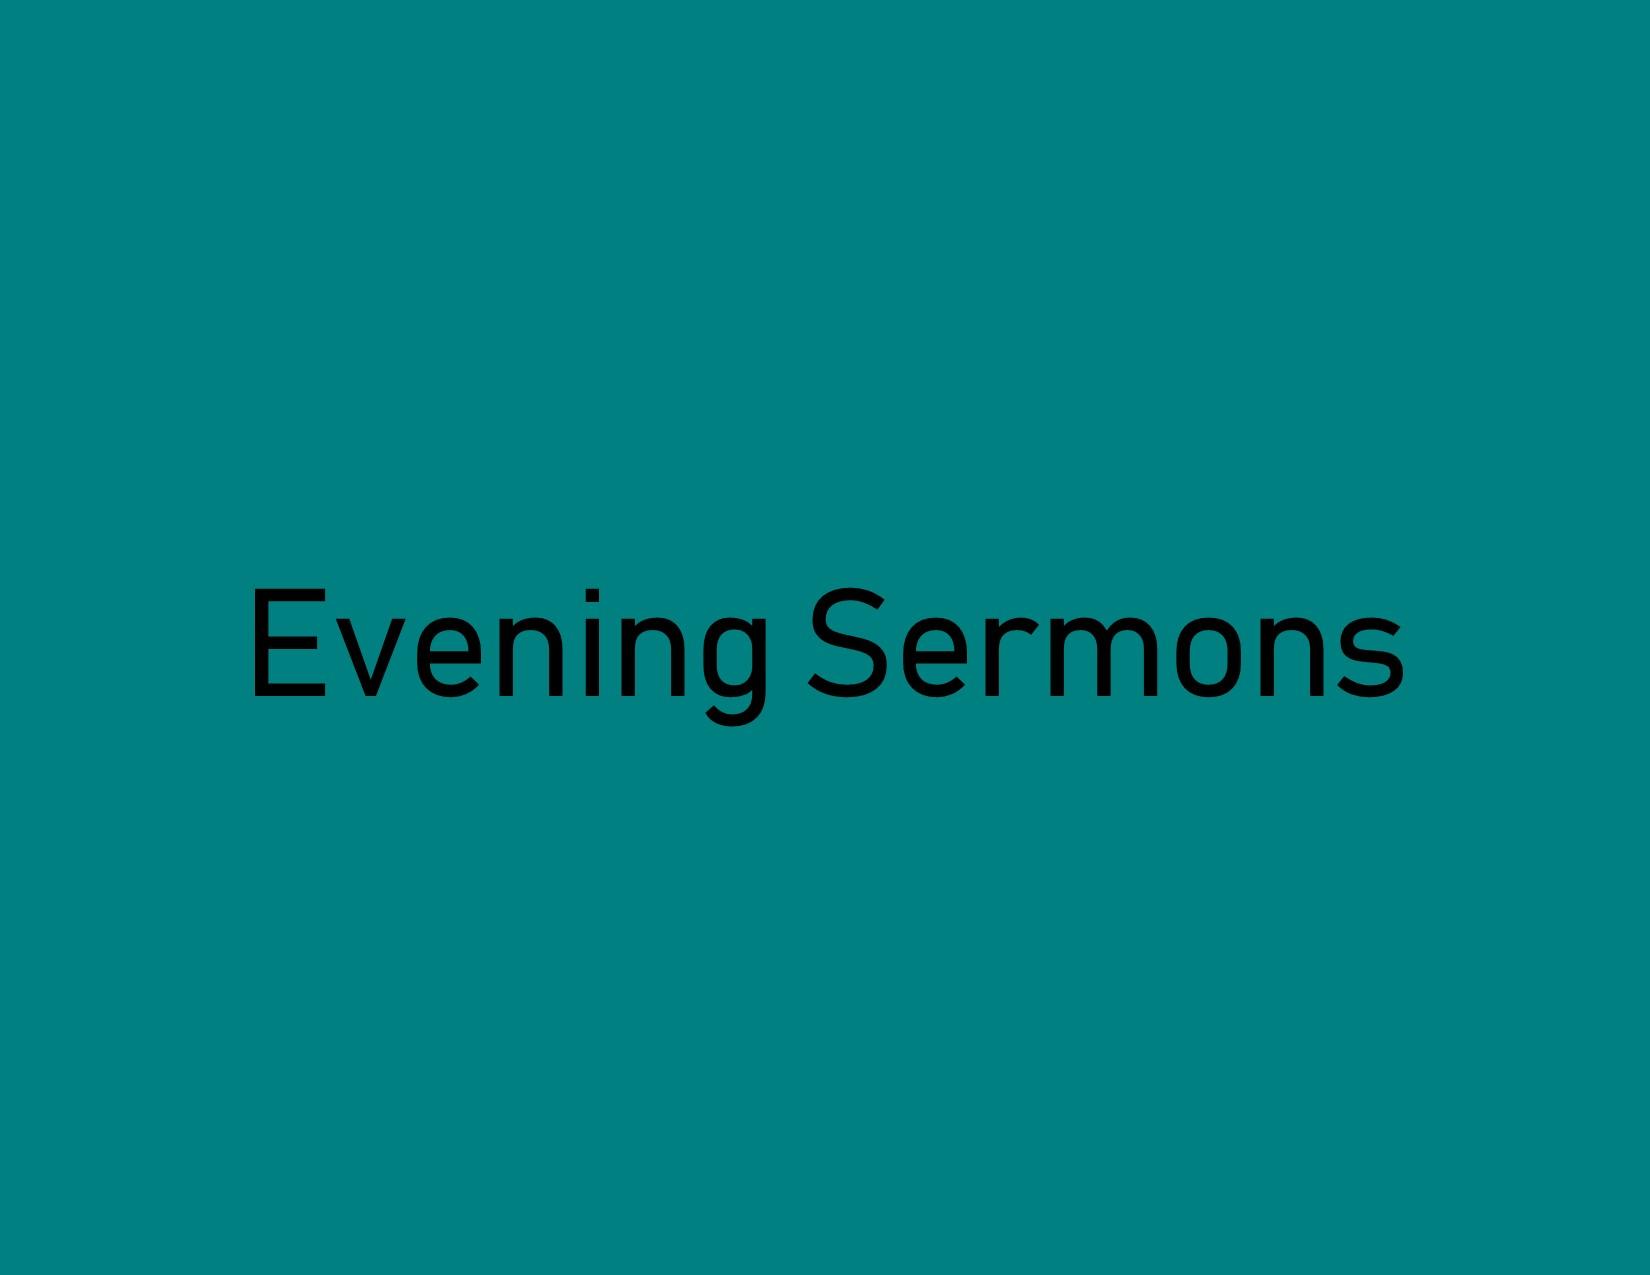 Evening Sermon Title Page.jpg